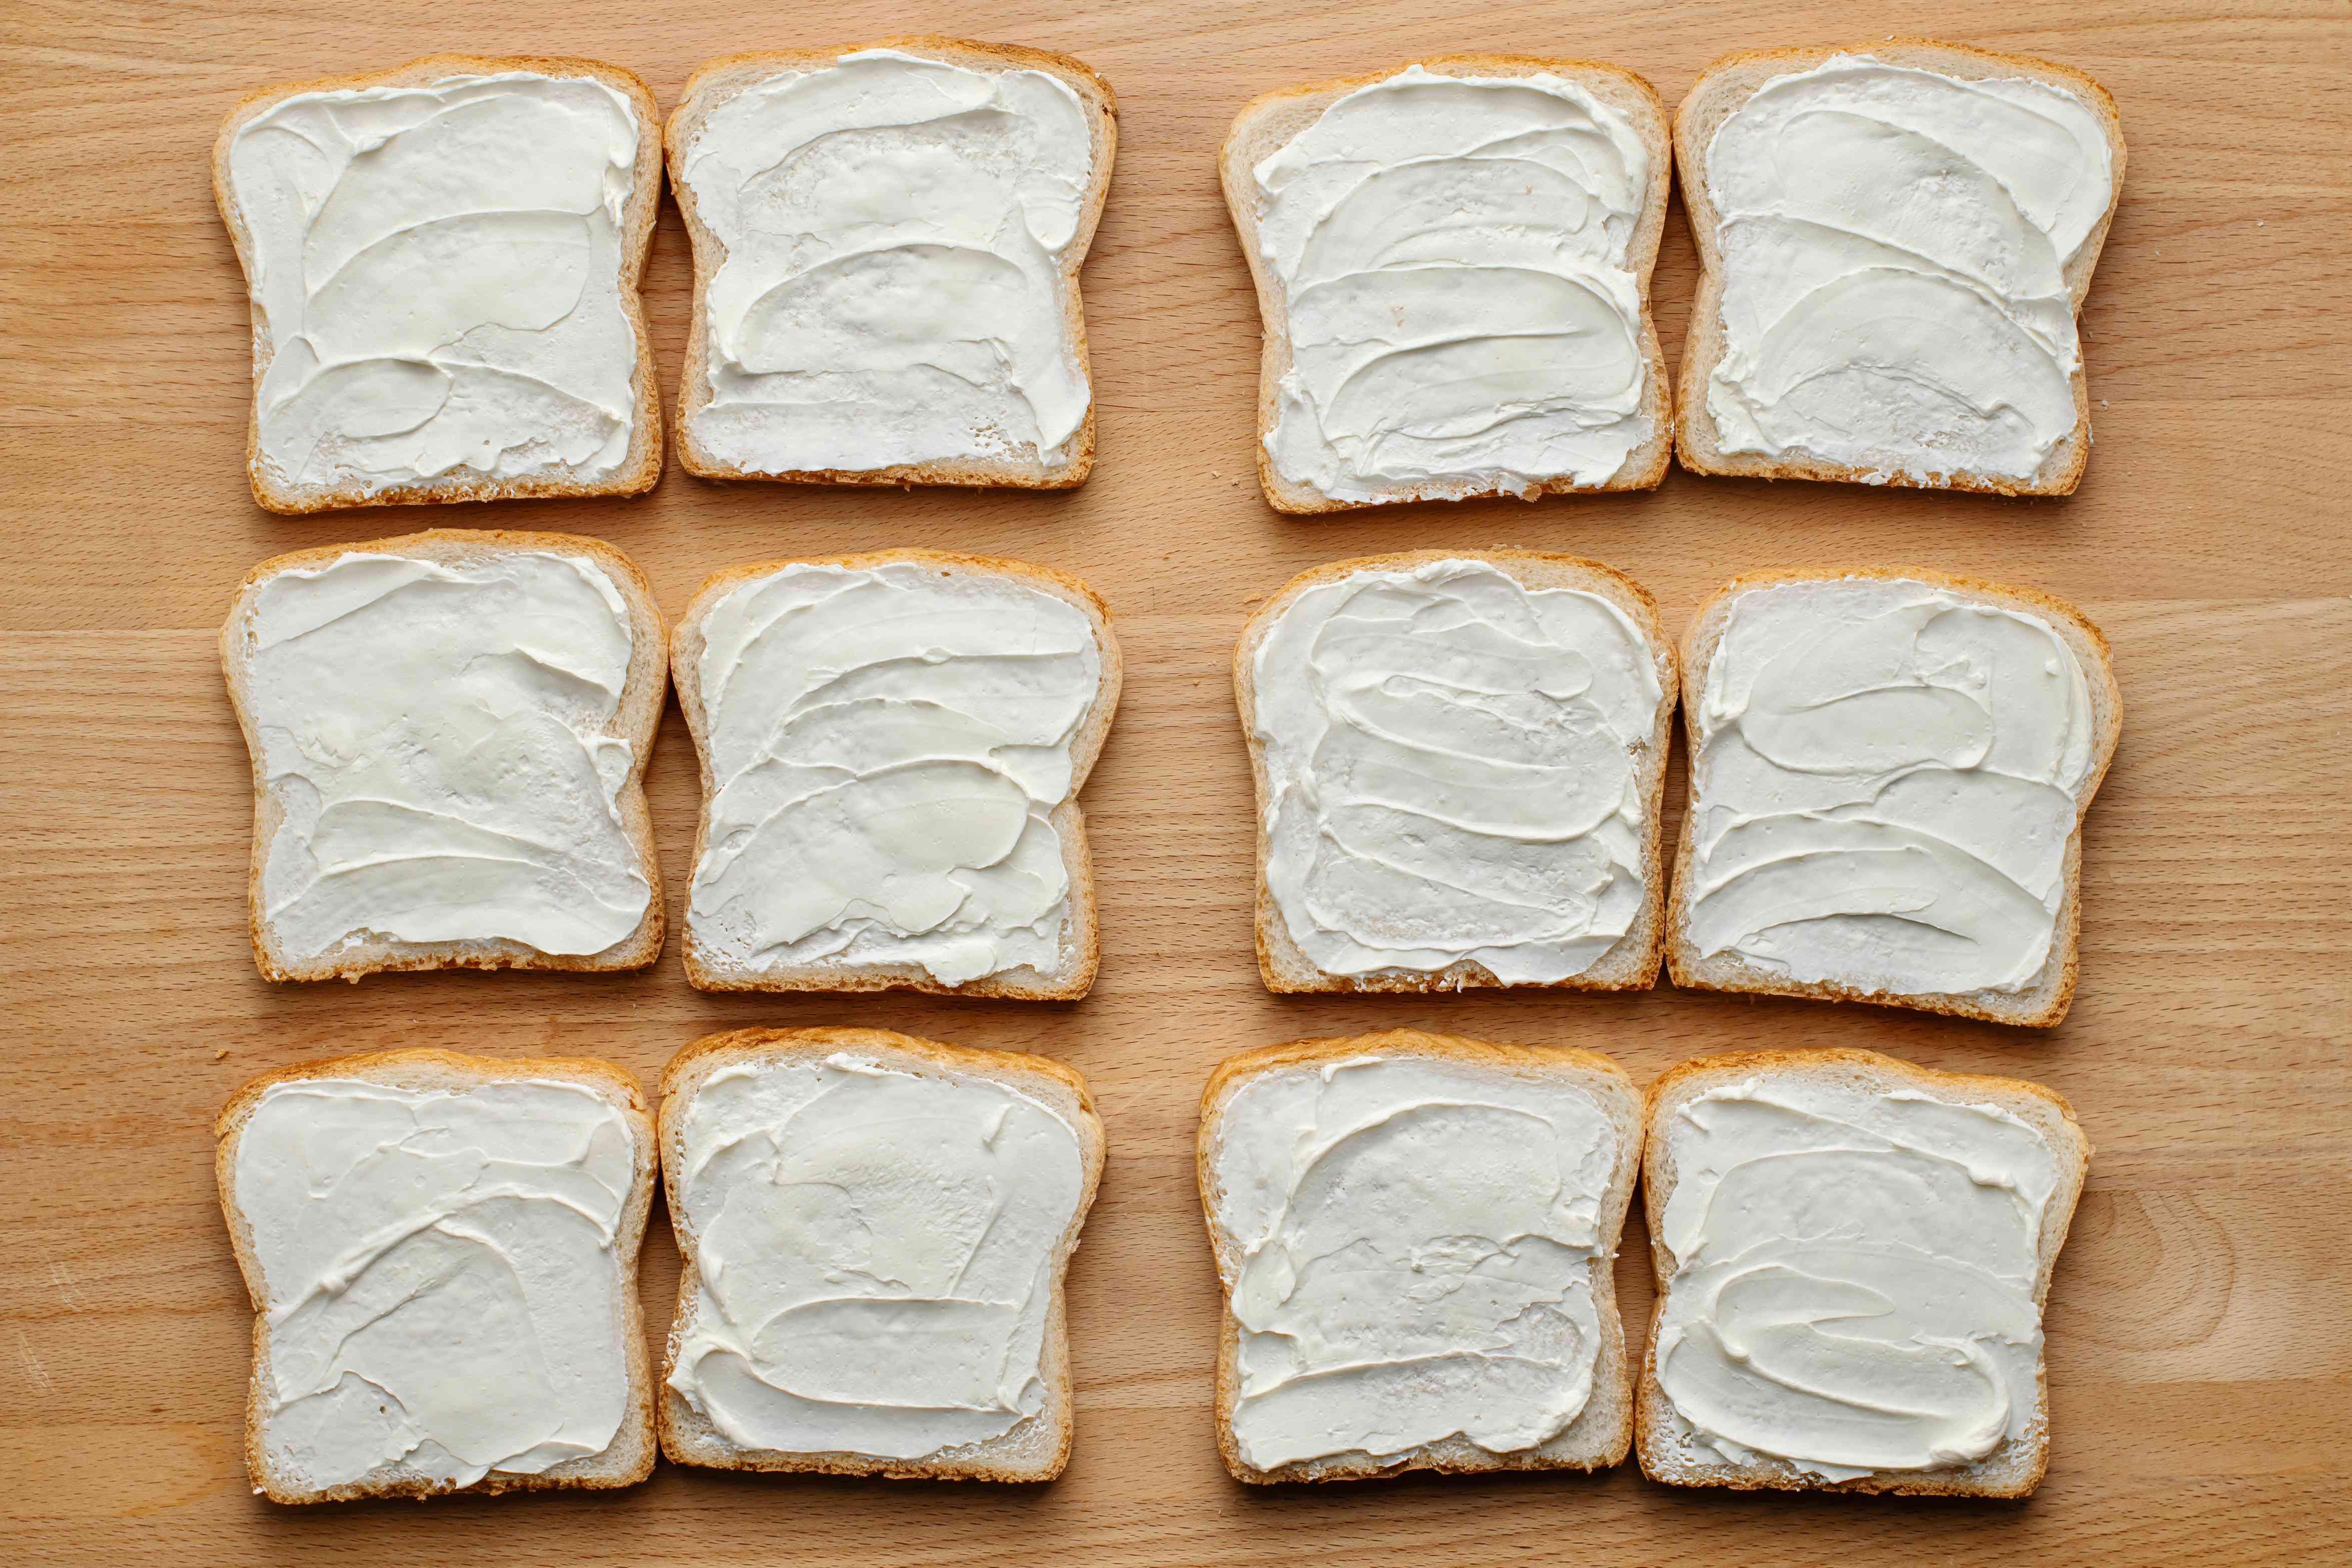 Bread with cream cheese spread